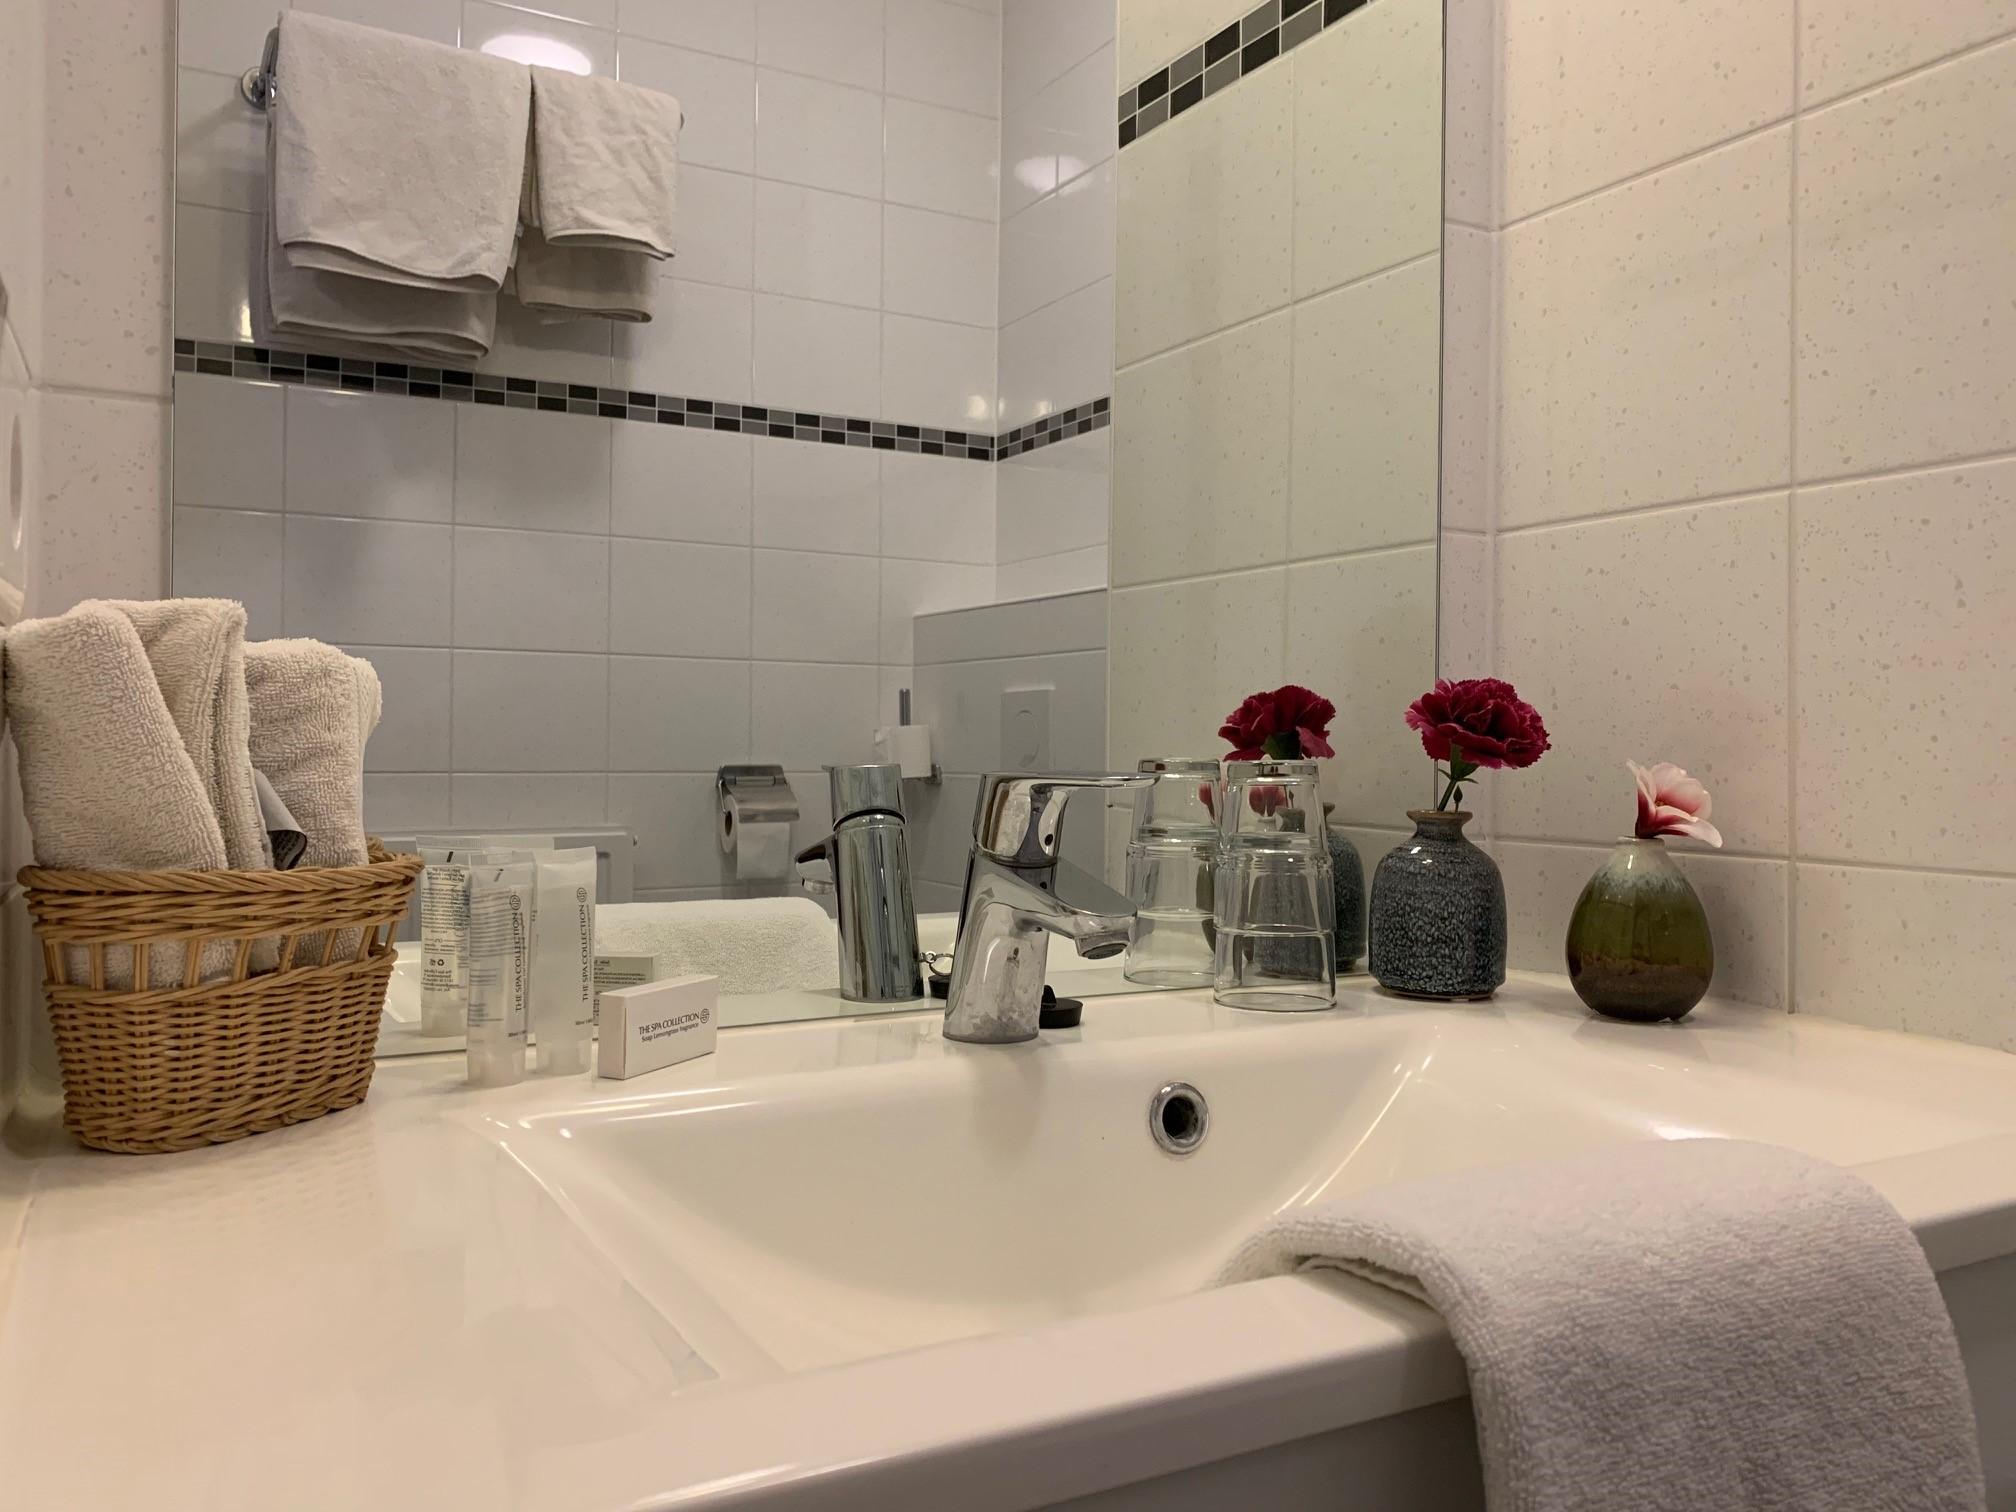 Kleiner Kühlschrank Im Hotelzimmer : Hotel erholung kellenhusen hotelzimmer angebote preise